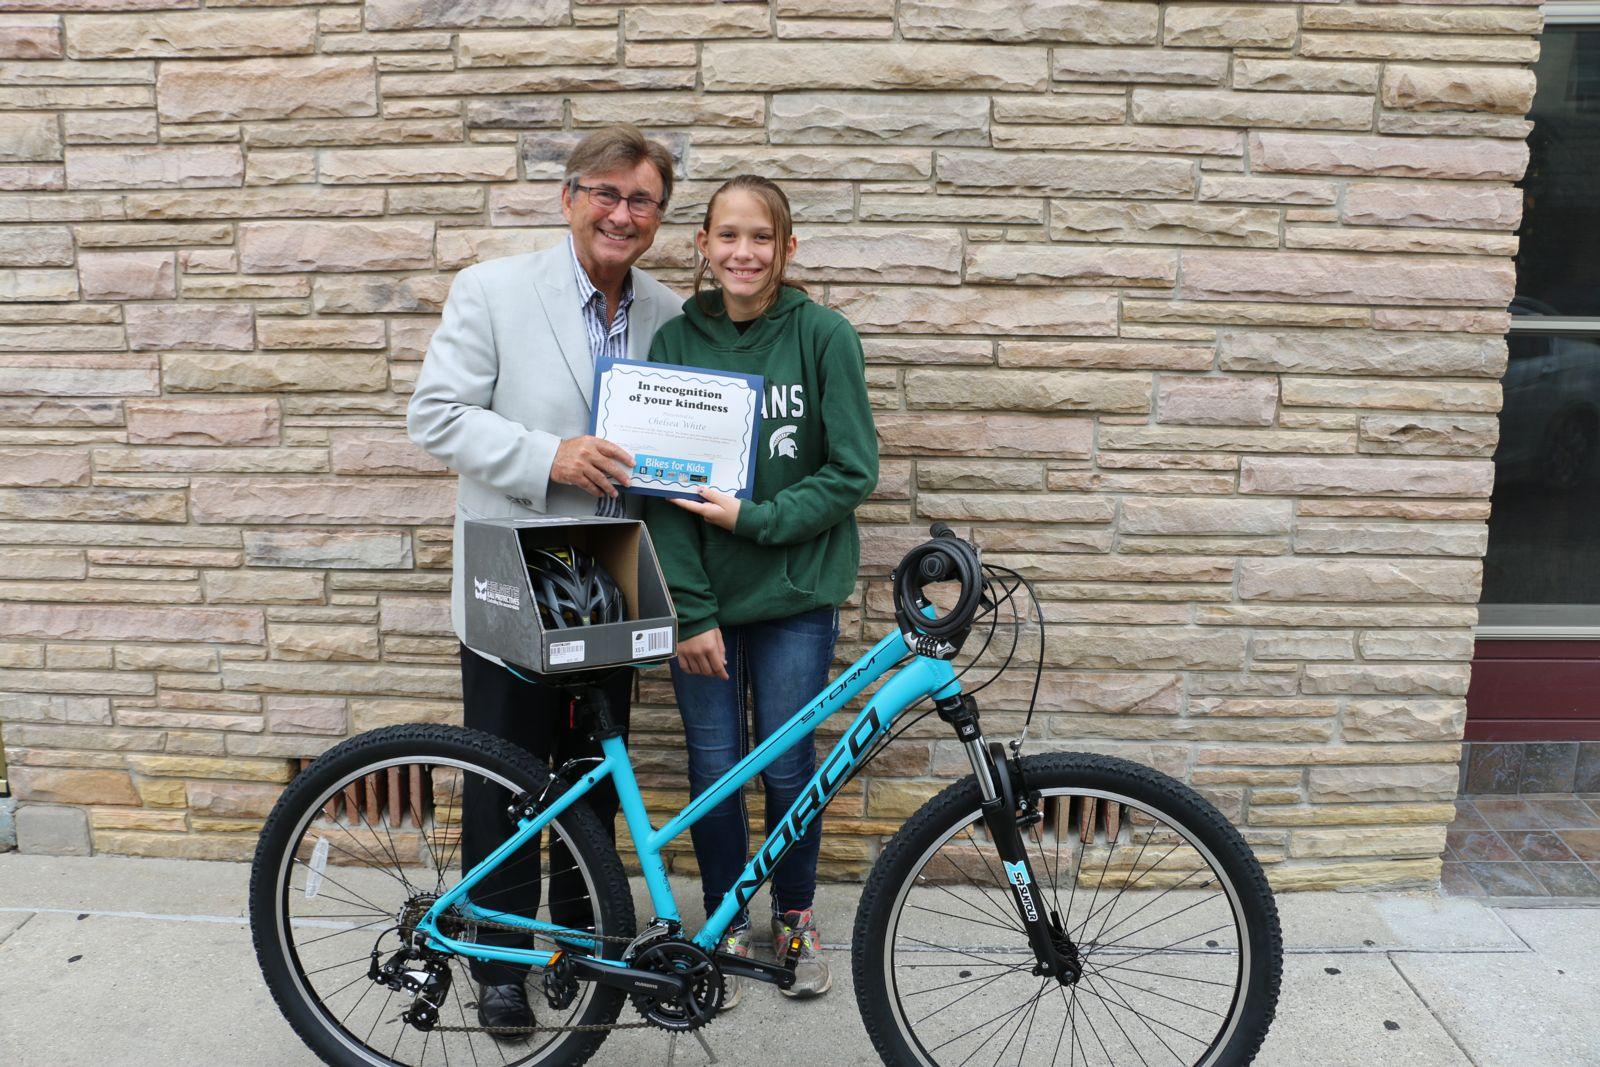 Joe Barberi and Chelsea White - Bikes for Kids winner 2016